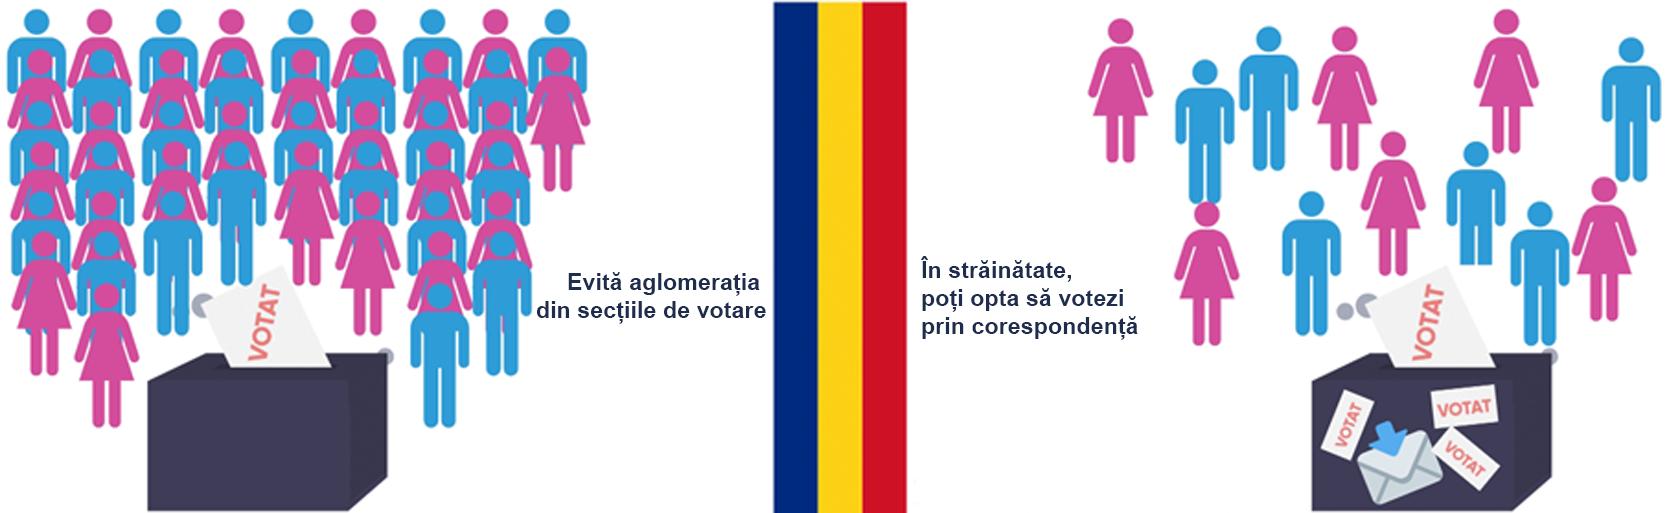 Több mint 7000 külföldön élő román állampolgár regisztrált már az államelnök-választásokra